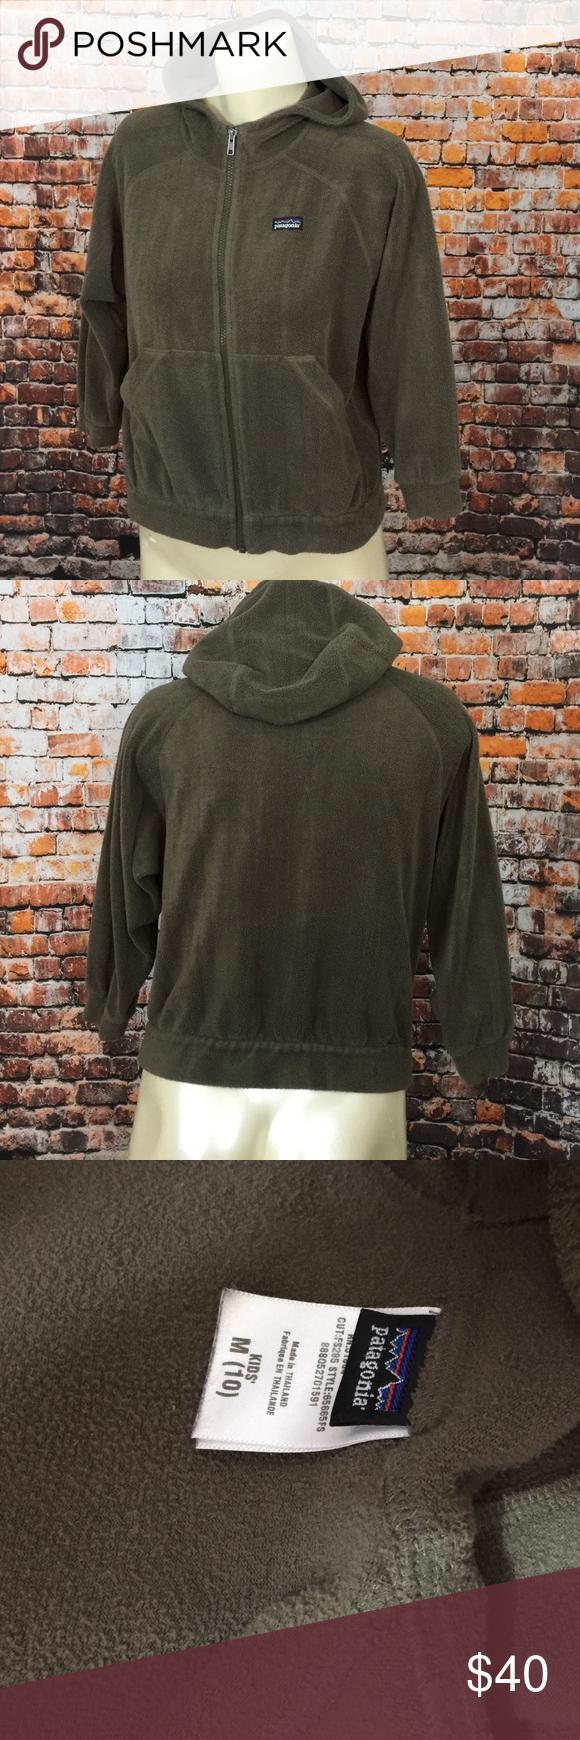 Patagonia jacket Patagonia fleece zip up. Kids size medium. Hunter green. Unisex Patagonia Jackets & Coats